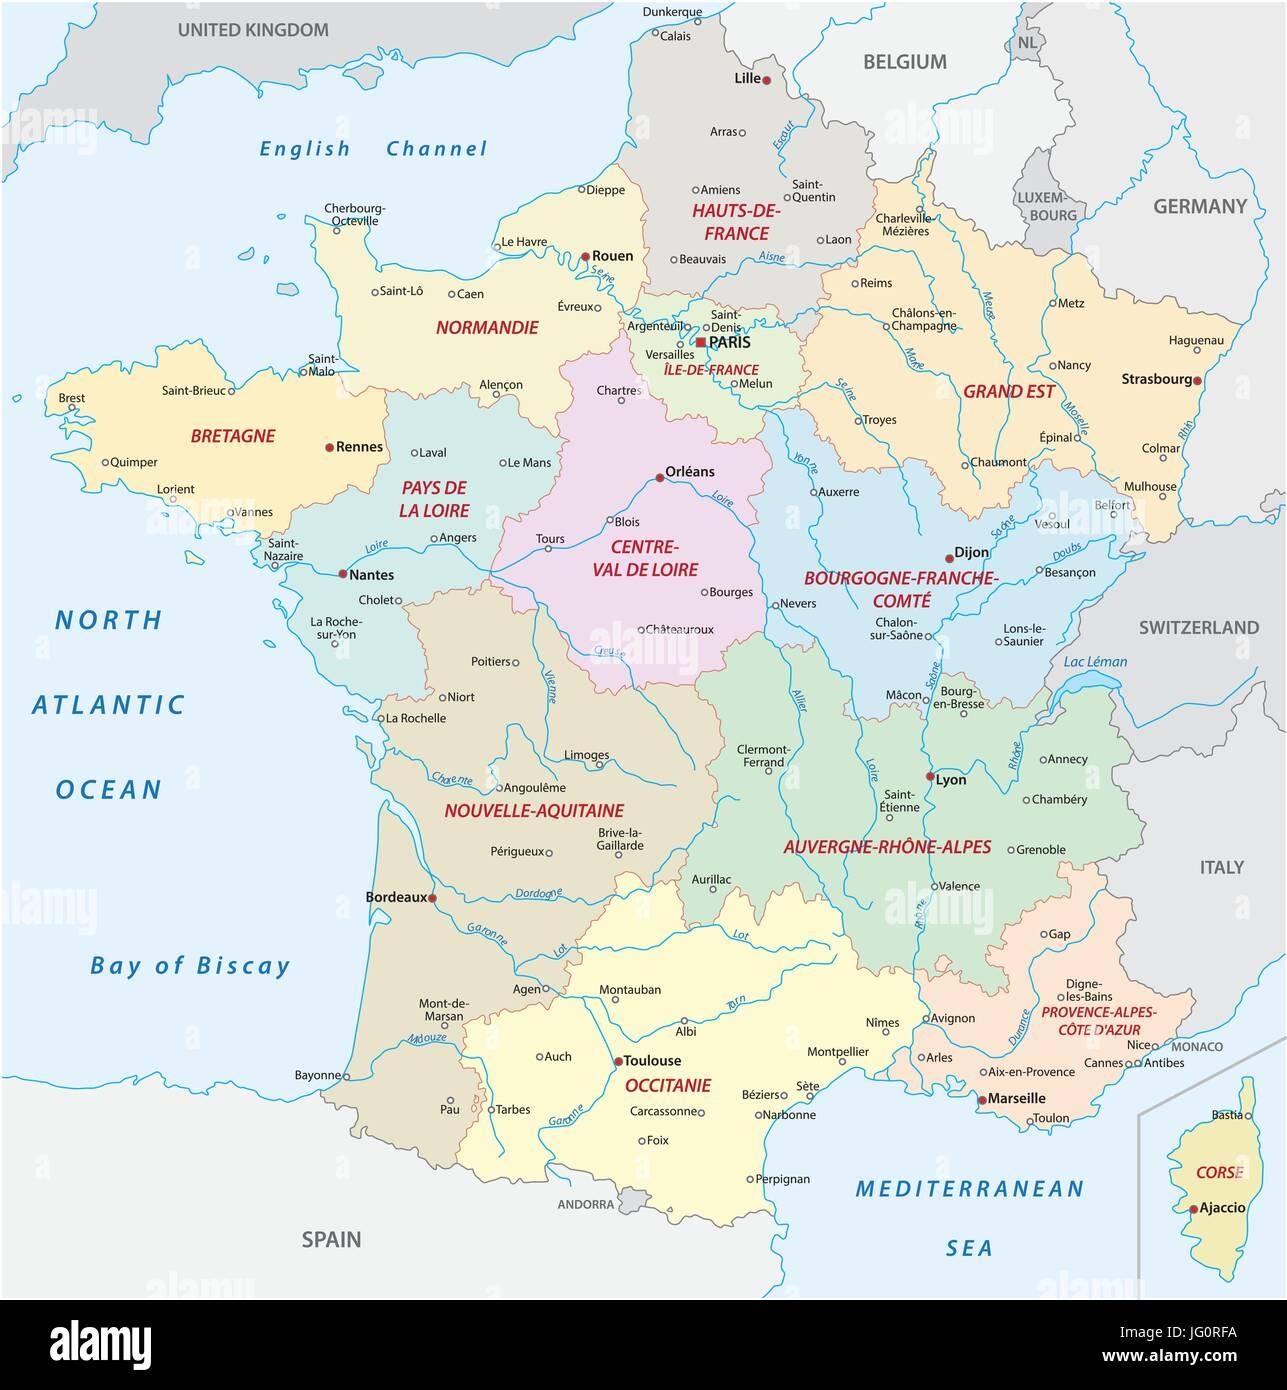 Frankreich Departements Karte.Frankreich Karte Mit Den Neuen Regionen Und Die Wichtigsten Städte